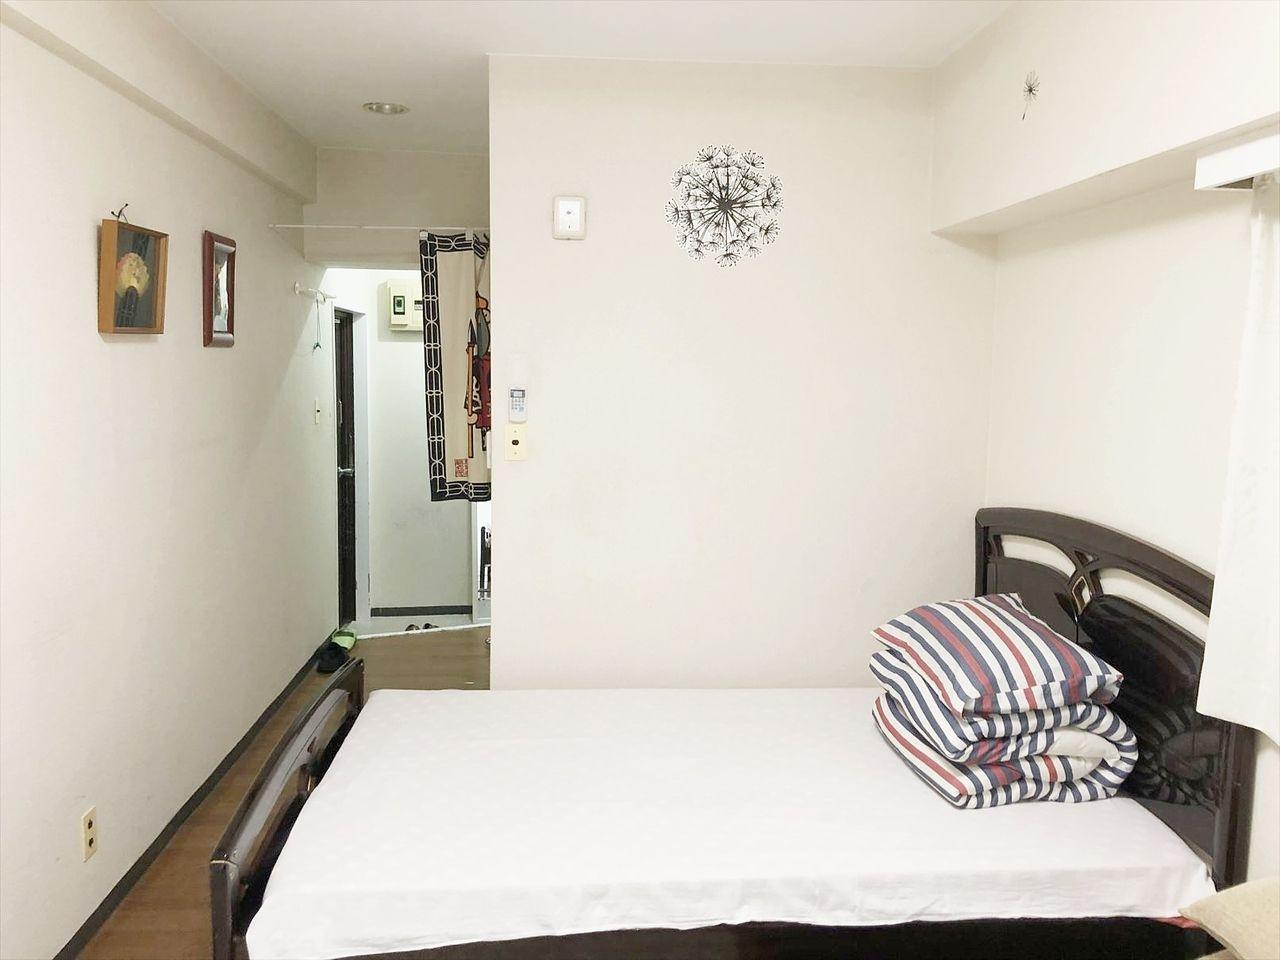 家具家電付きで即入居可能なGSハイム佐藤ビル804号室です。セカンドハウスに最適です